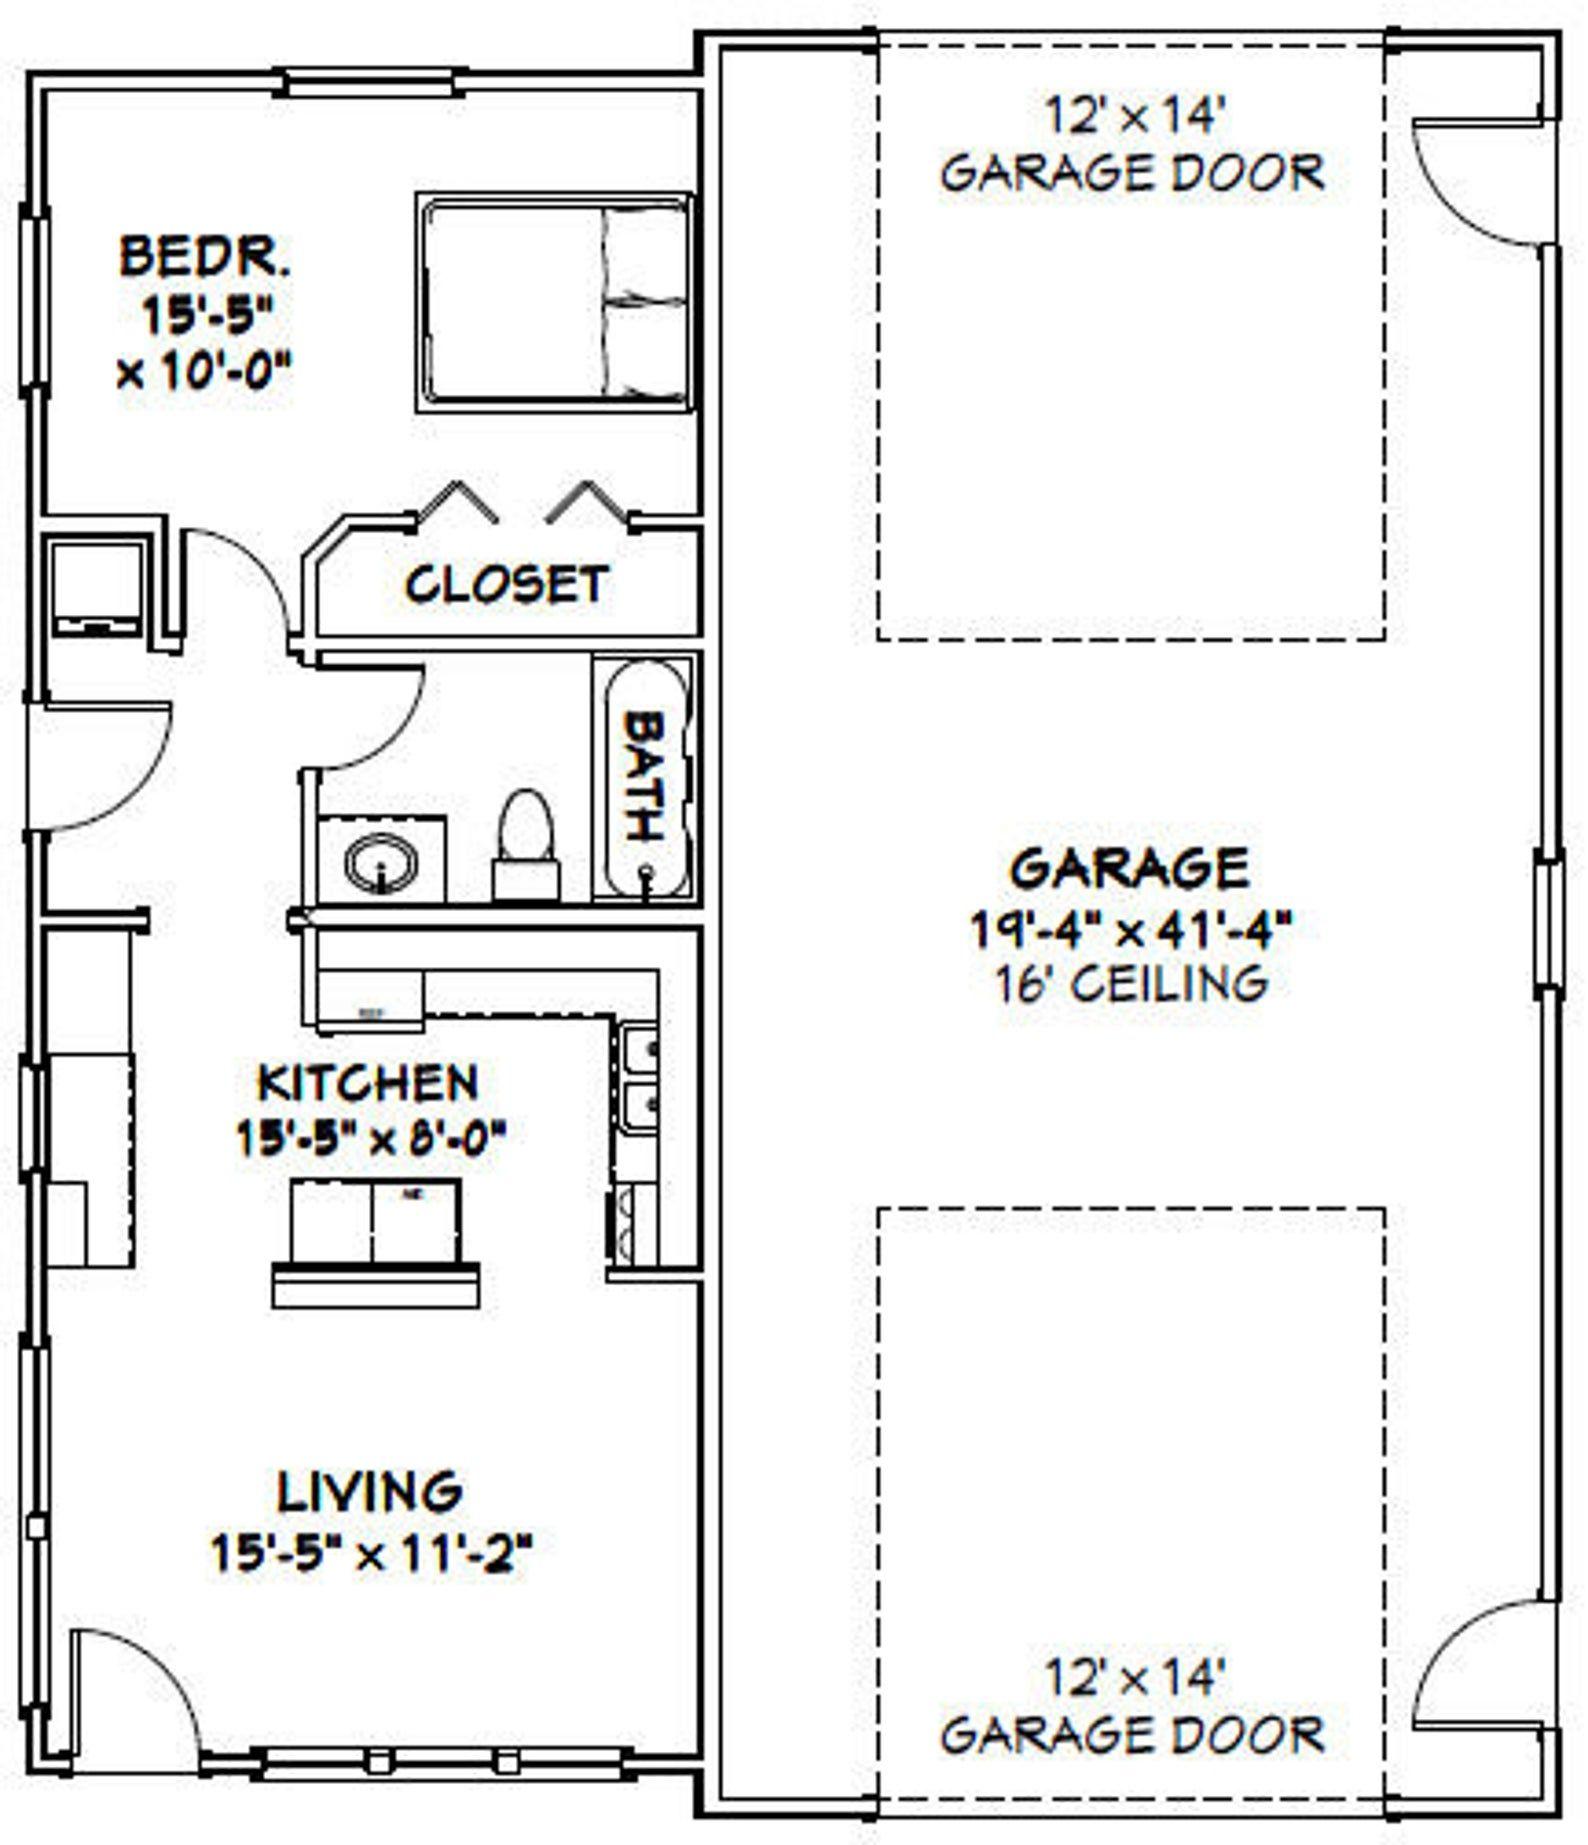 36x42 1rv garage 1 bedroom 1 bath 1480 sq ft pdf  etsy